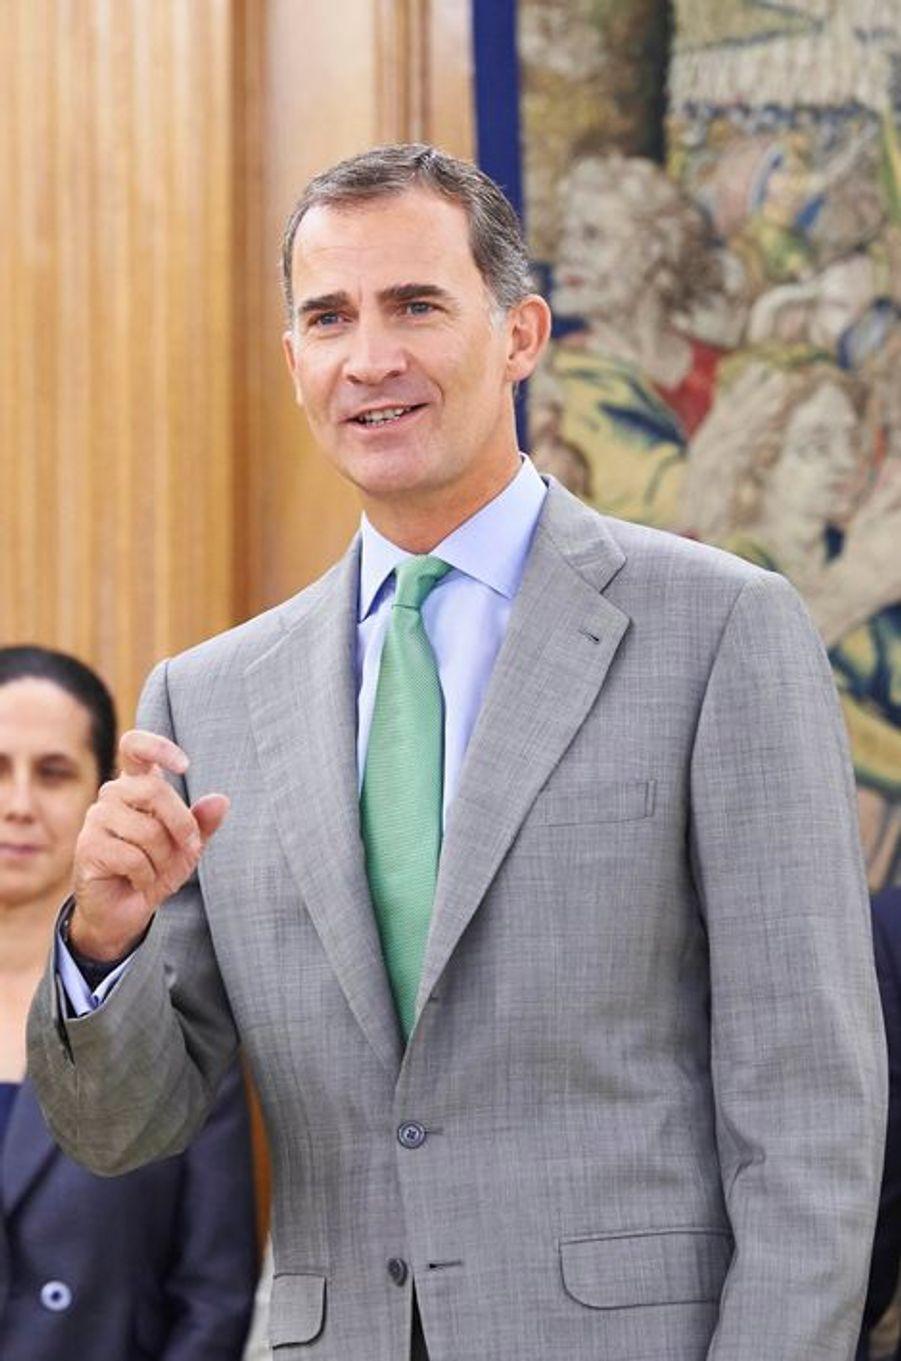 Le roi Felipe VI d'Espagne à Madrid, le 2 septembre 2015